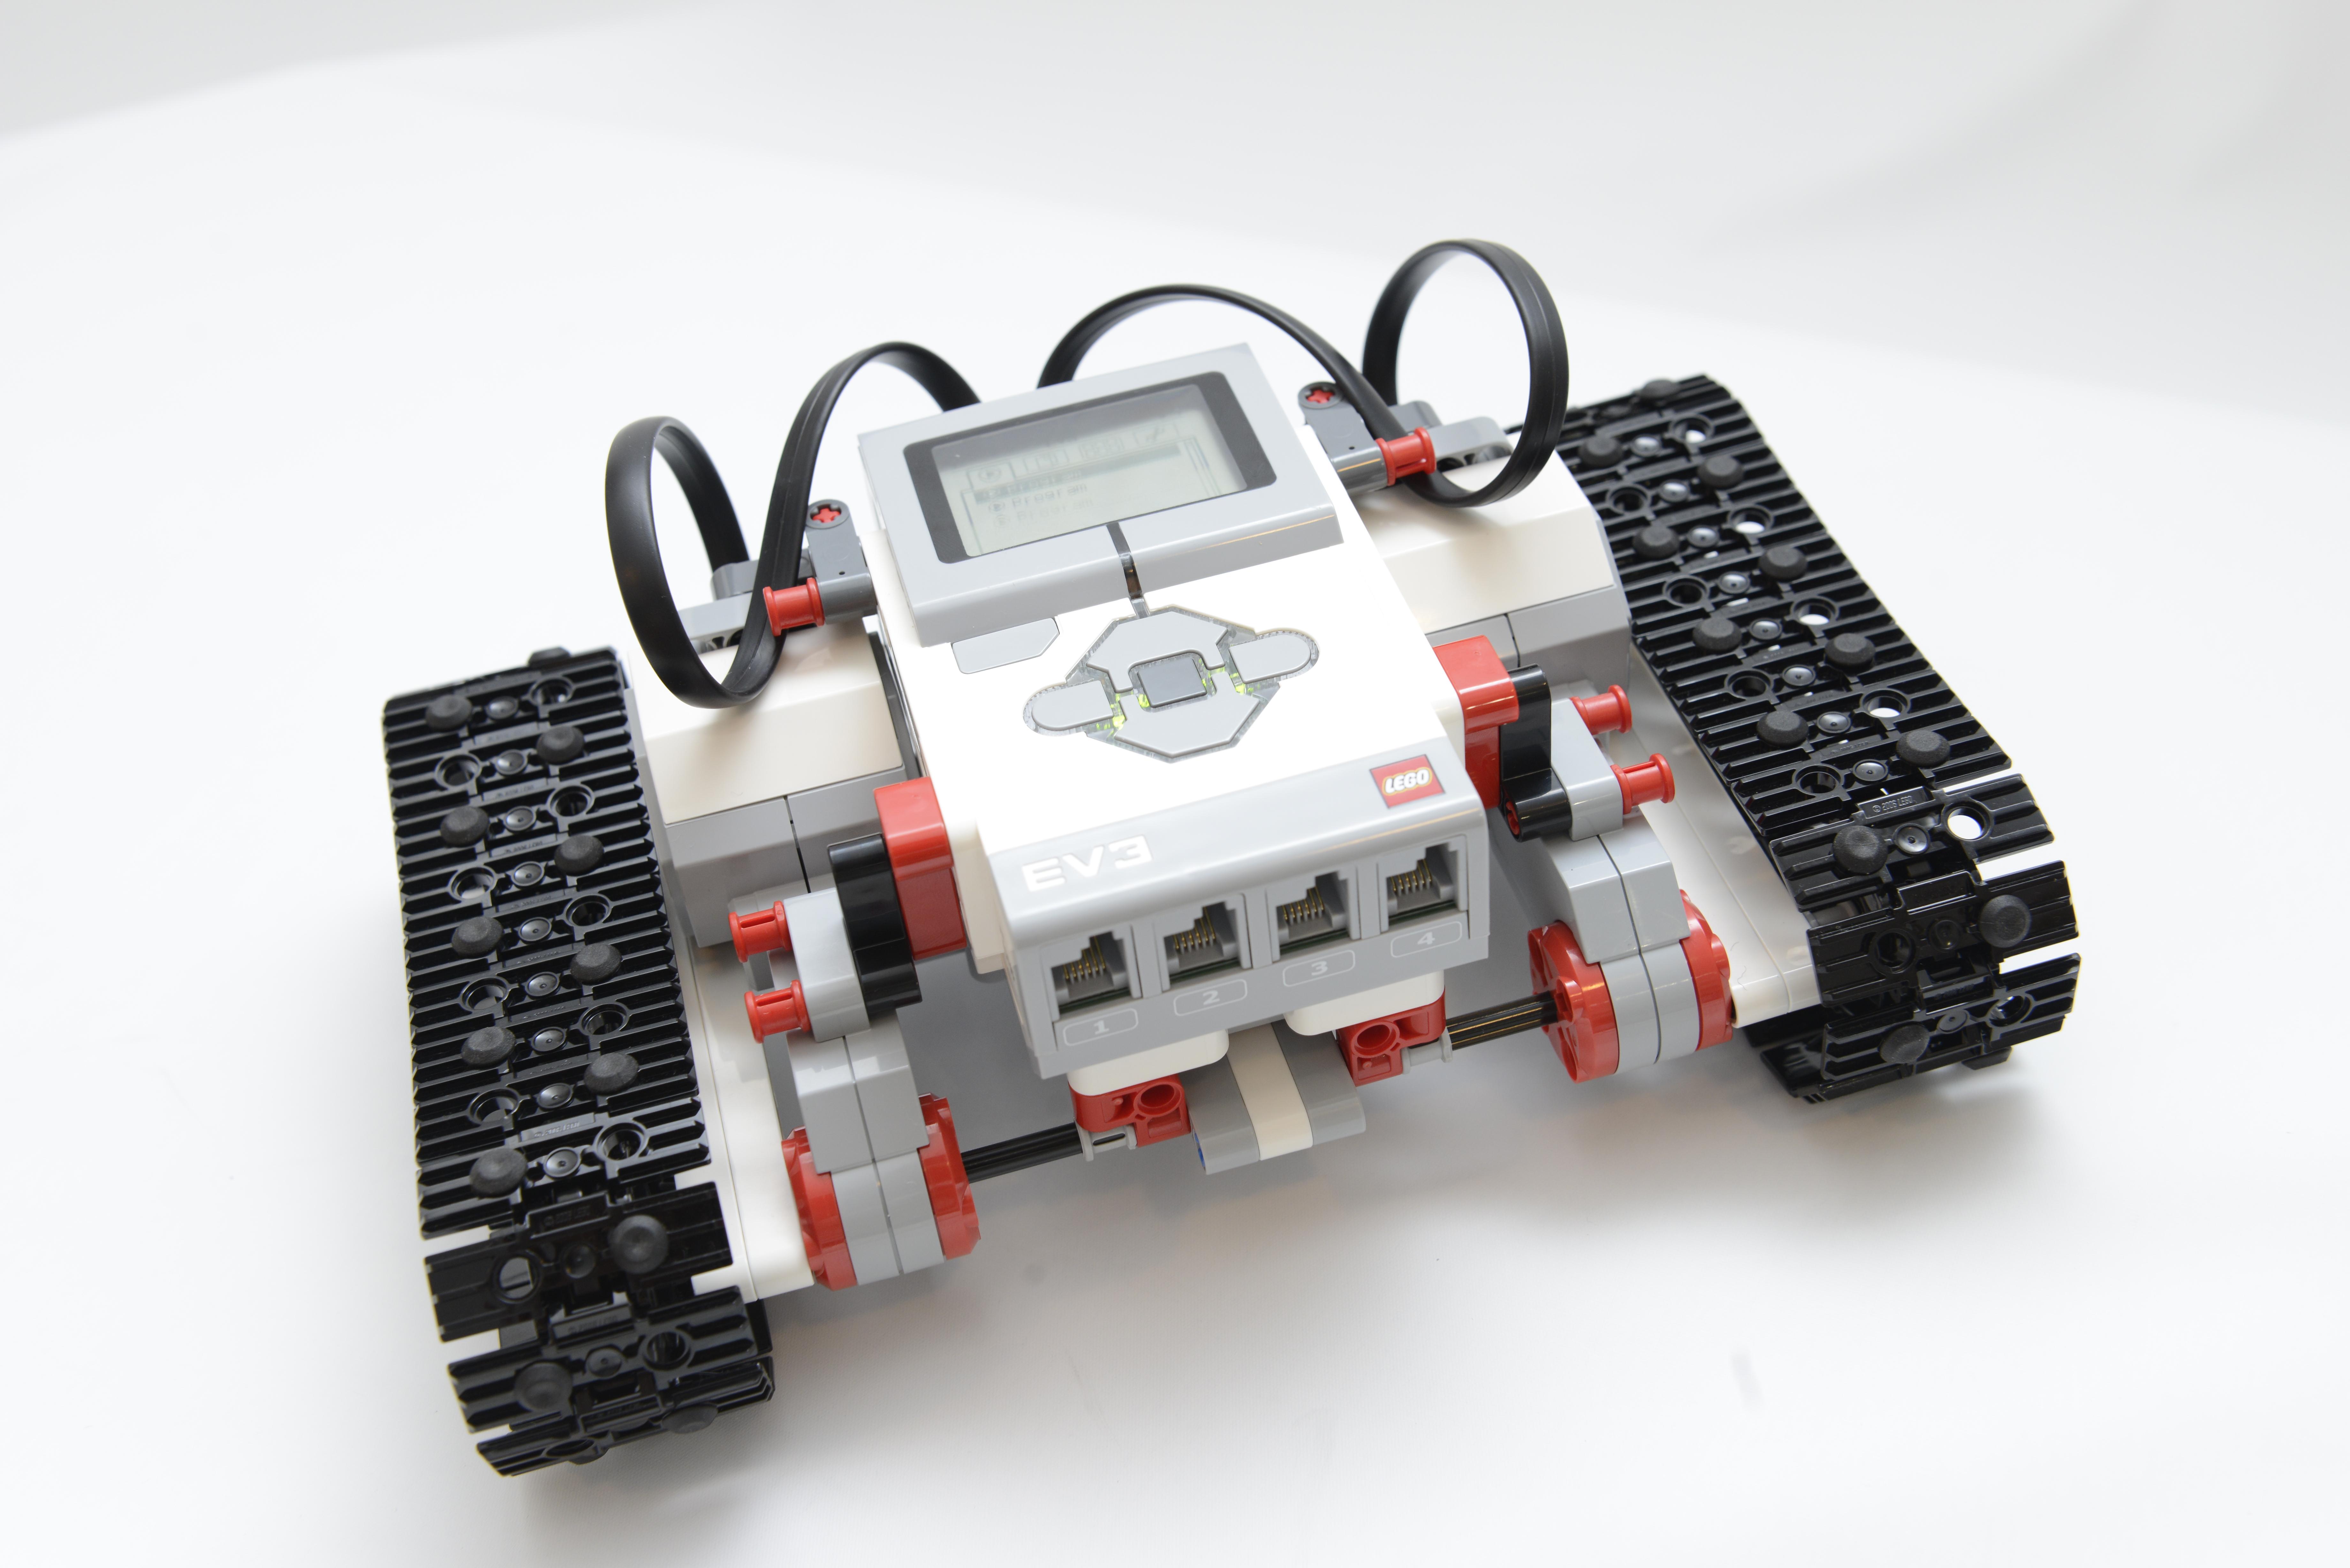 キャタピラーロボット ベース図